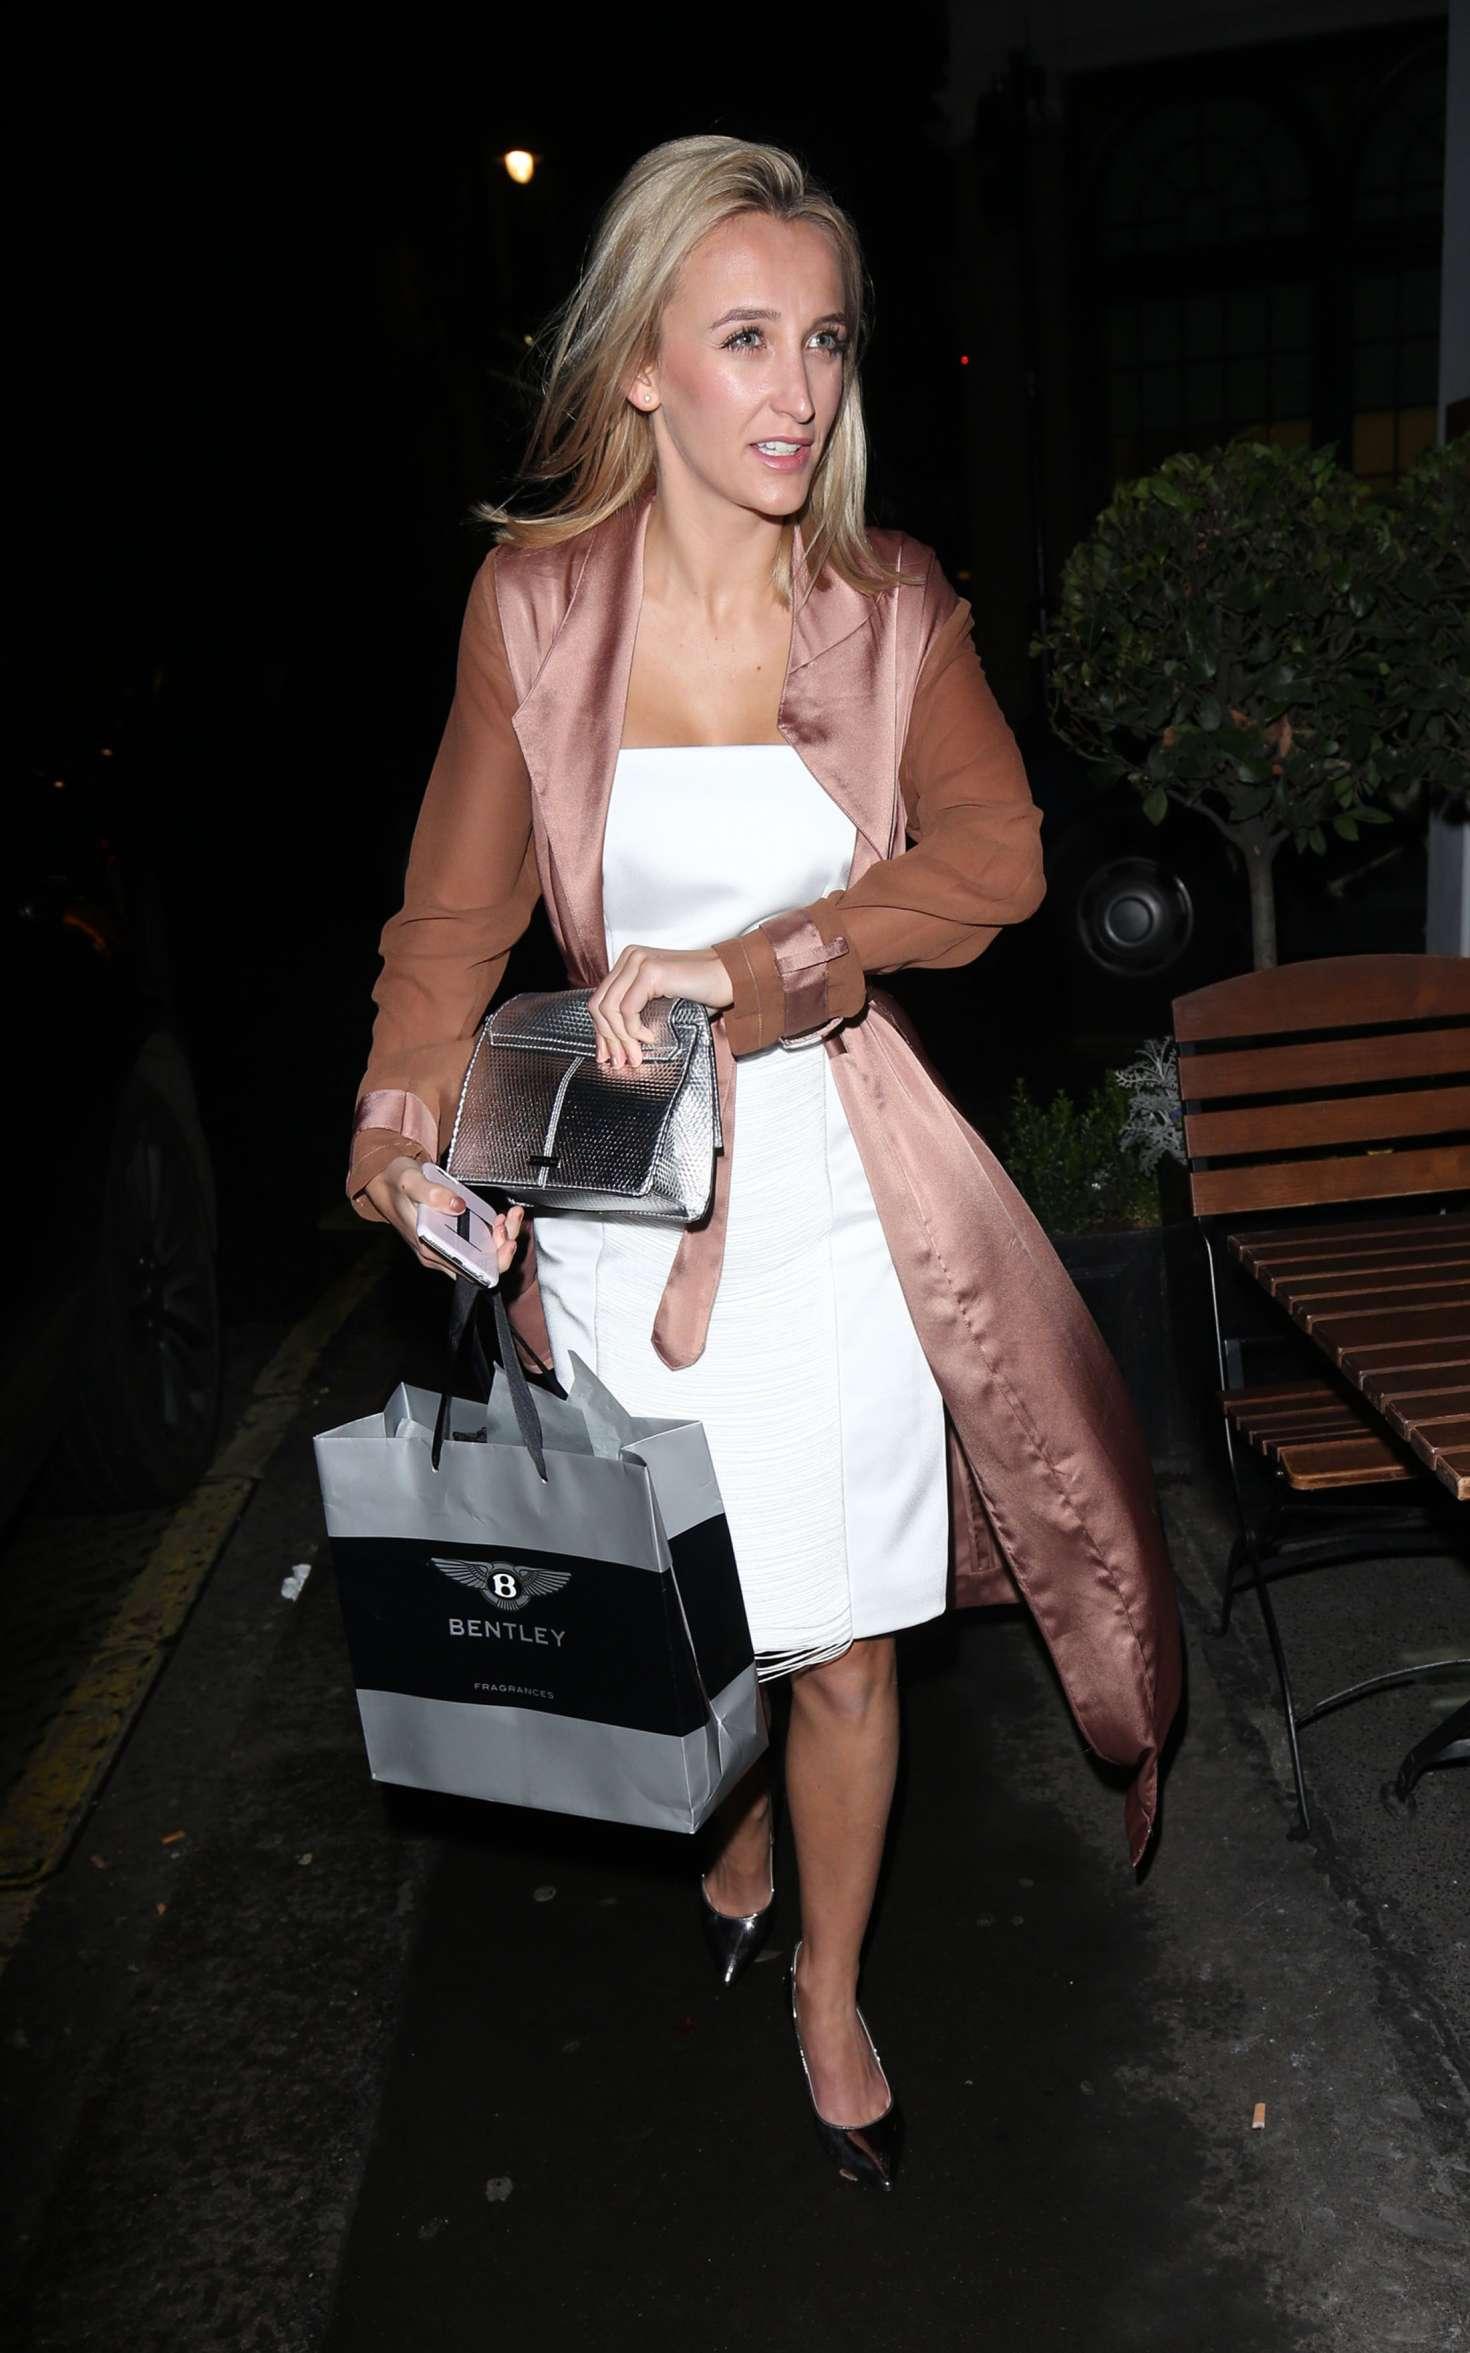 Tiffany Watson - Arrives at the El Pirata Tapas Bar in Mayfair